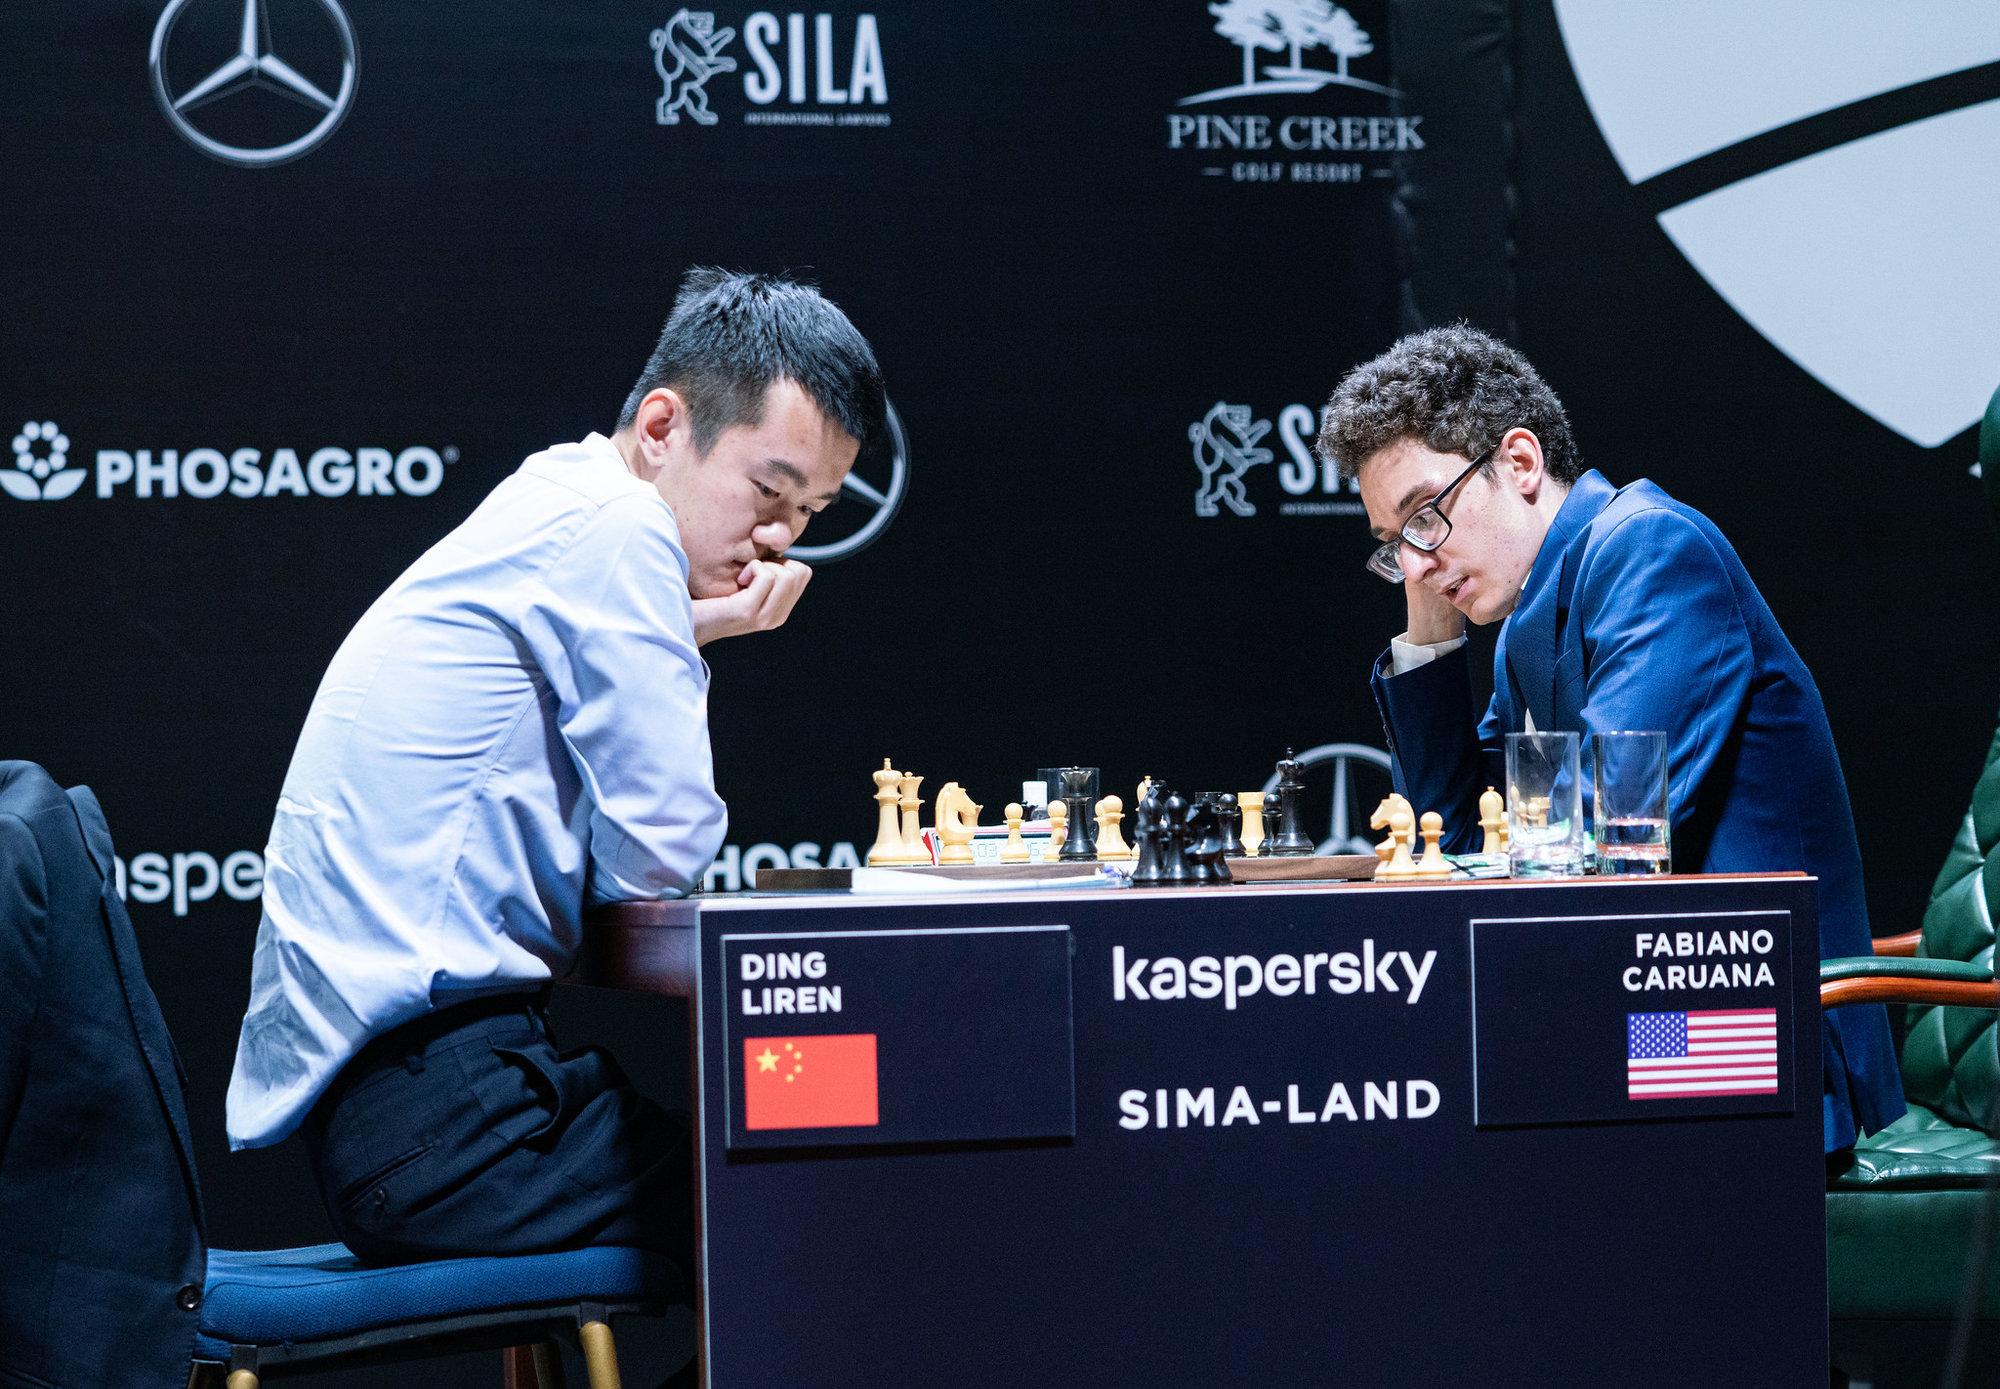 Глава Федерации шахмат России: «Речь о переносе турнира претендентов из Екатеринбурга не идет»